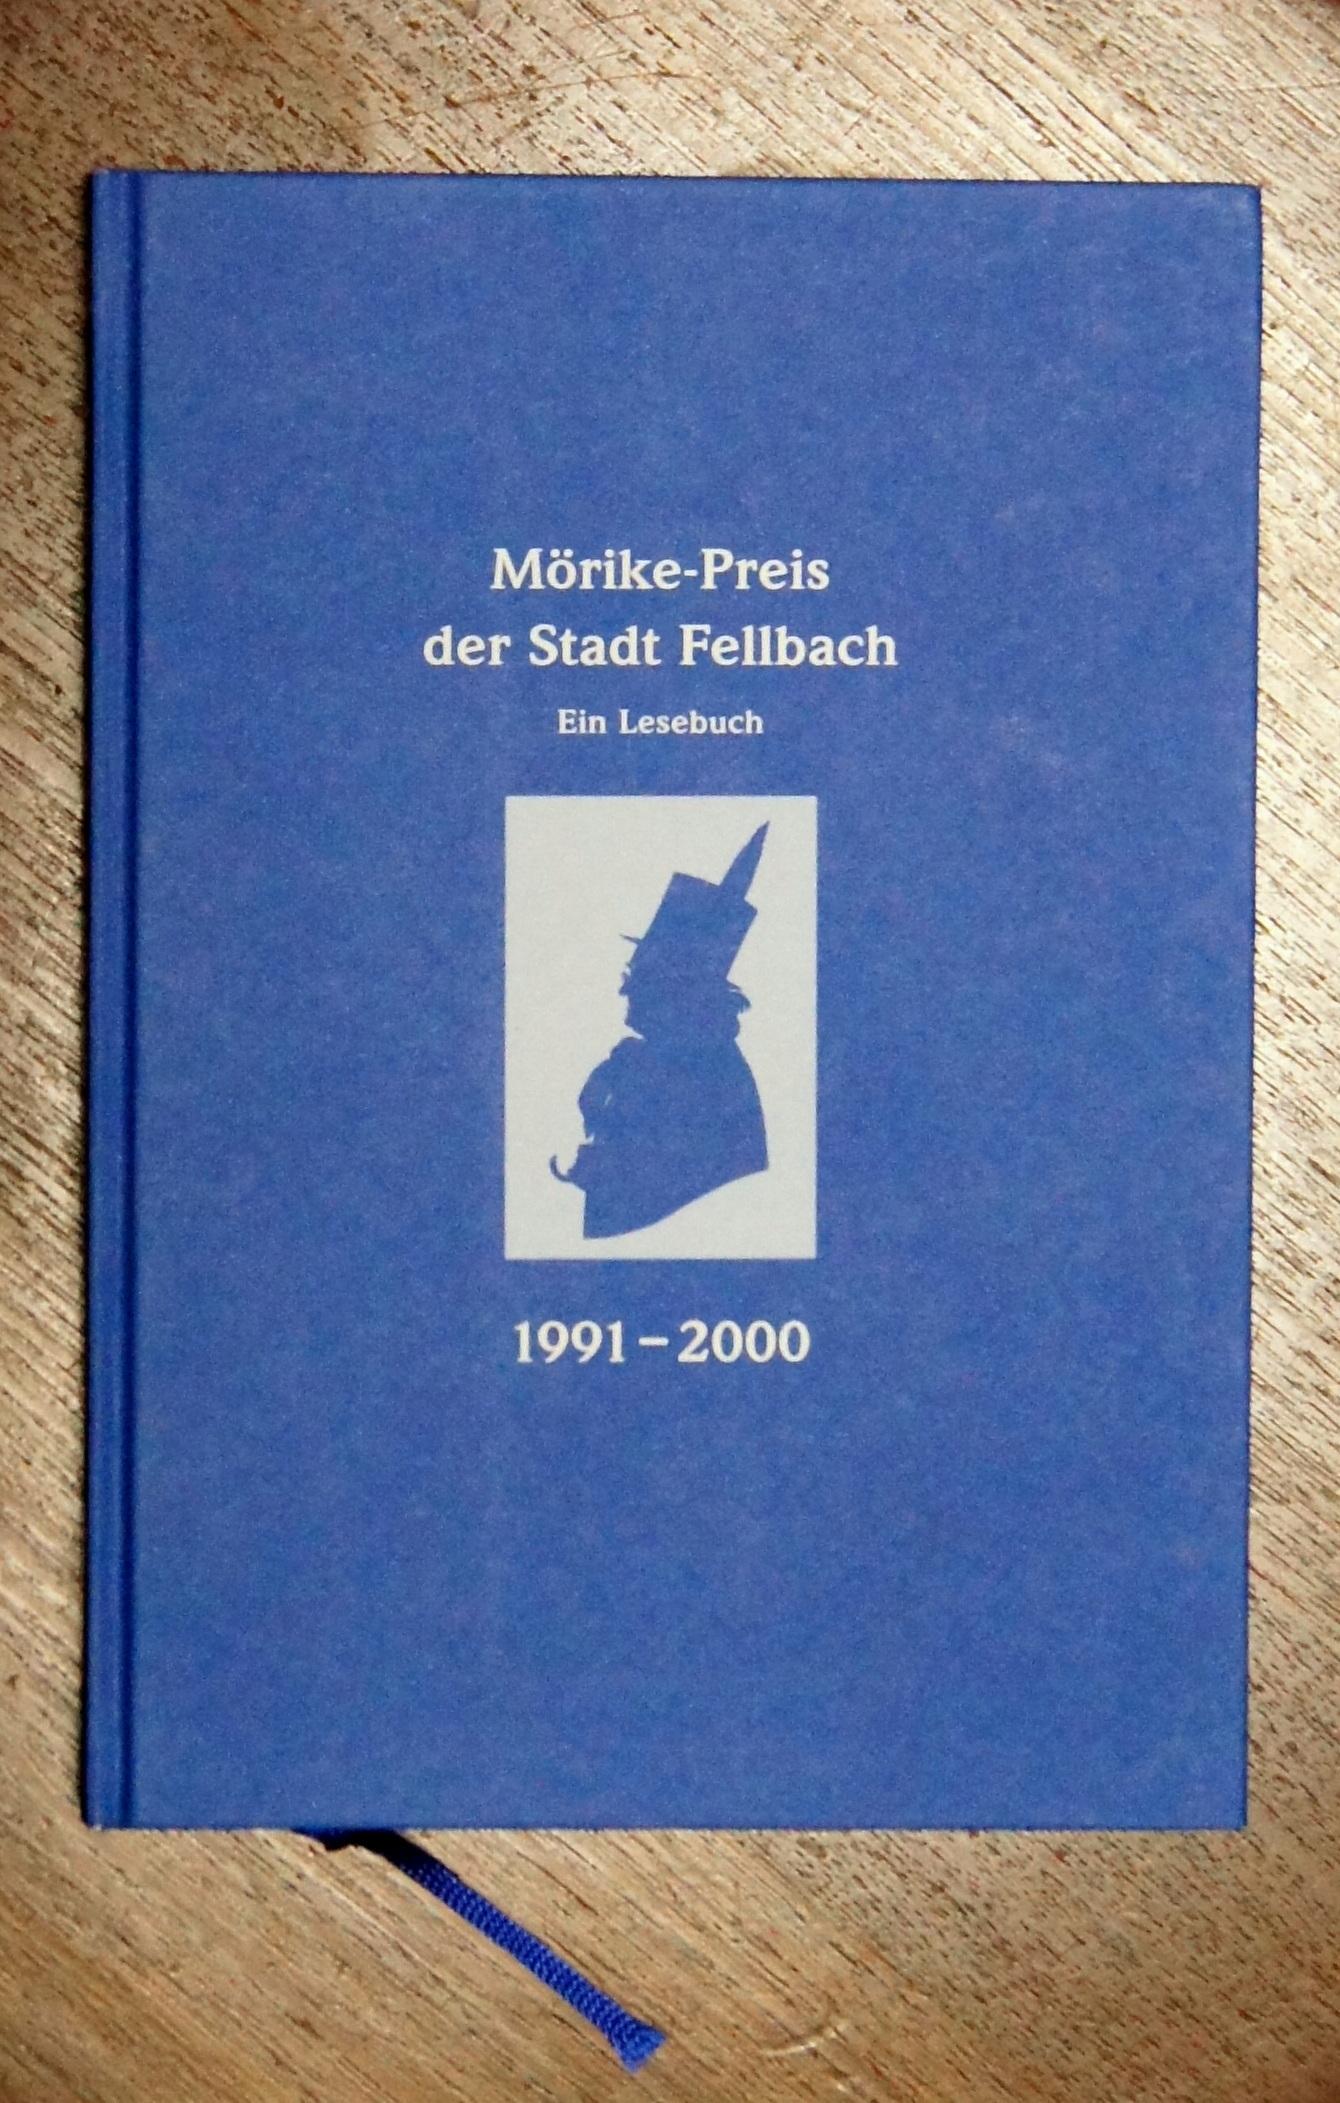 Reddy Fellbach Stunning Best Reddy Kchen Fellbach Photos With Reddy Fellbach Simple Die Besten